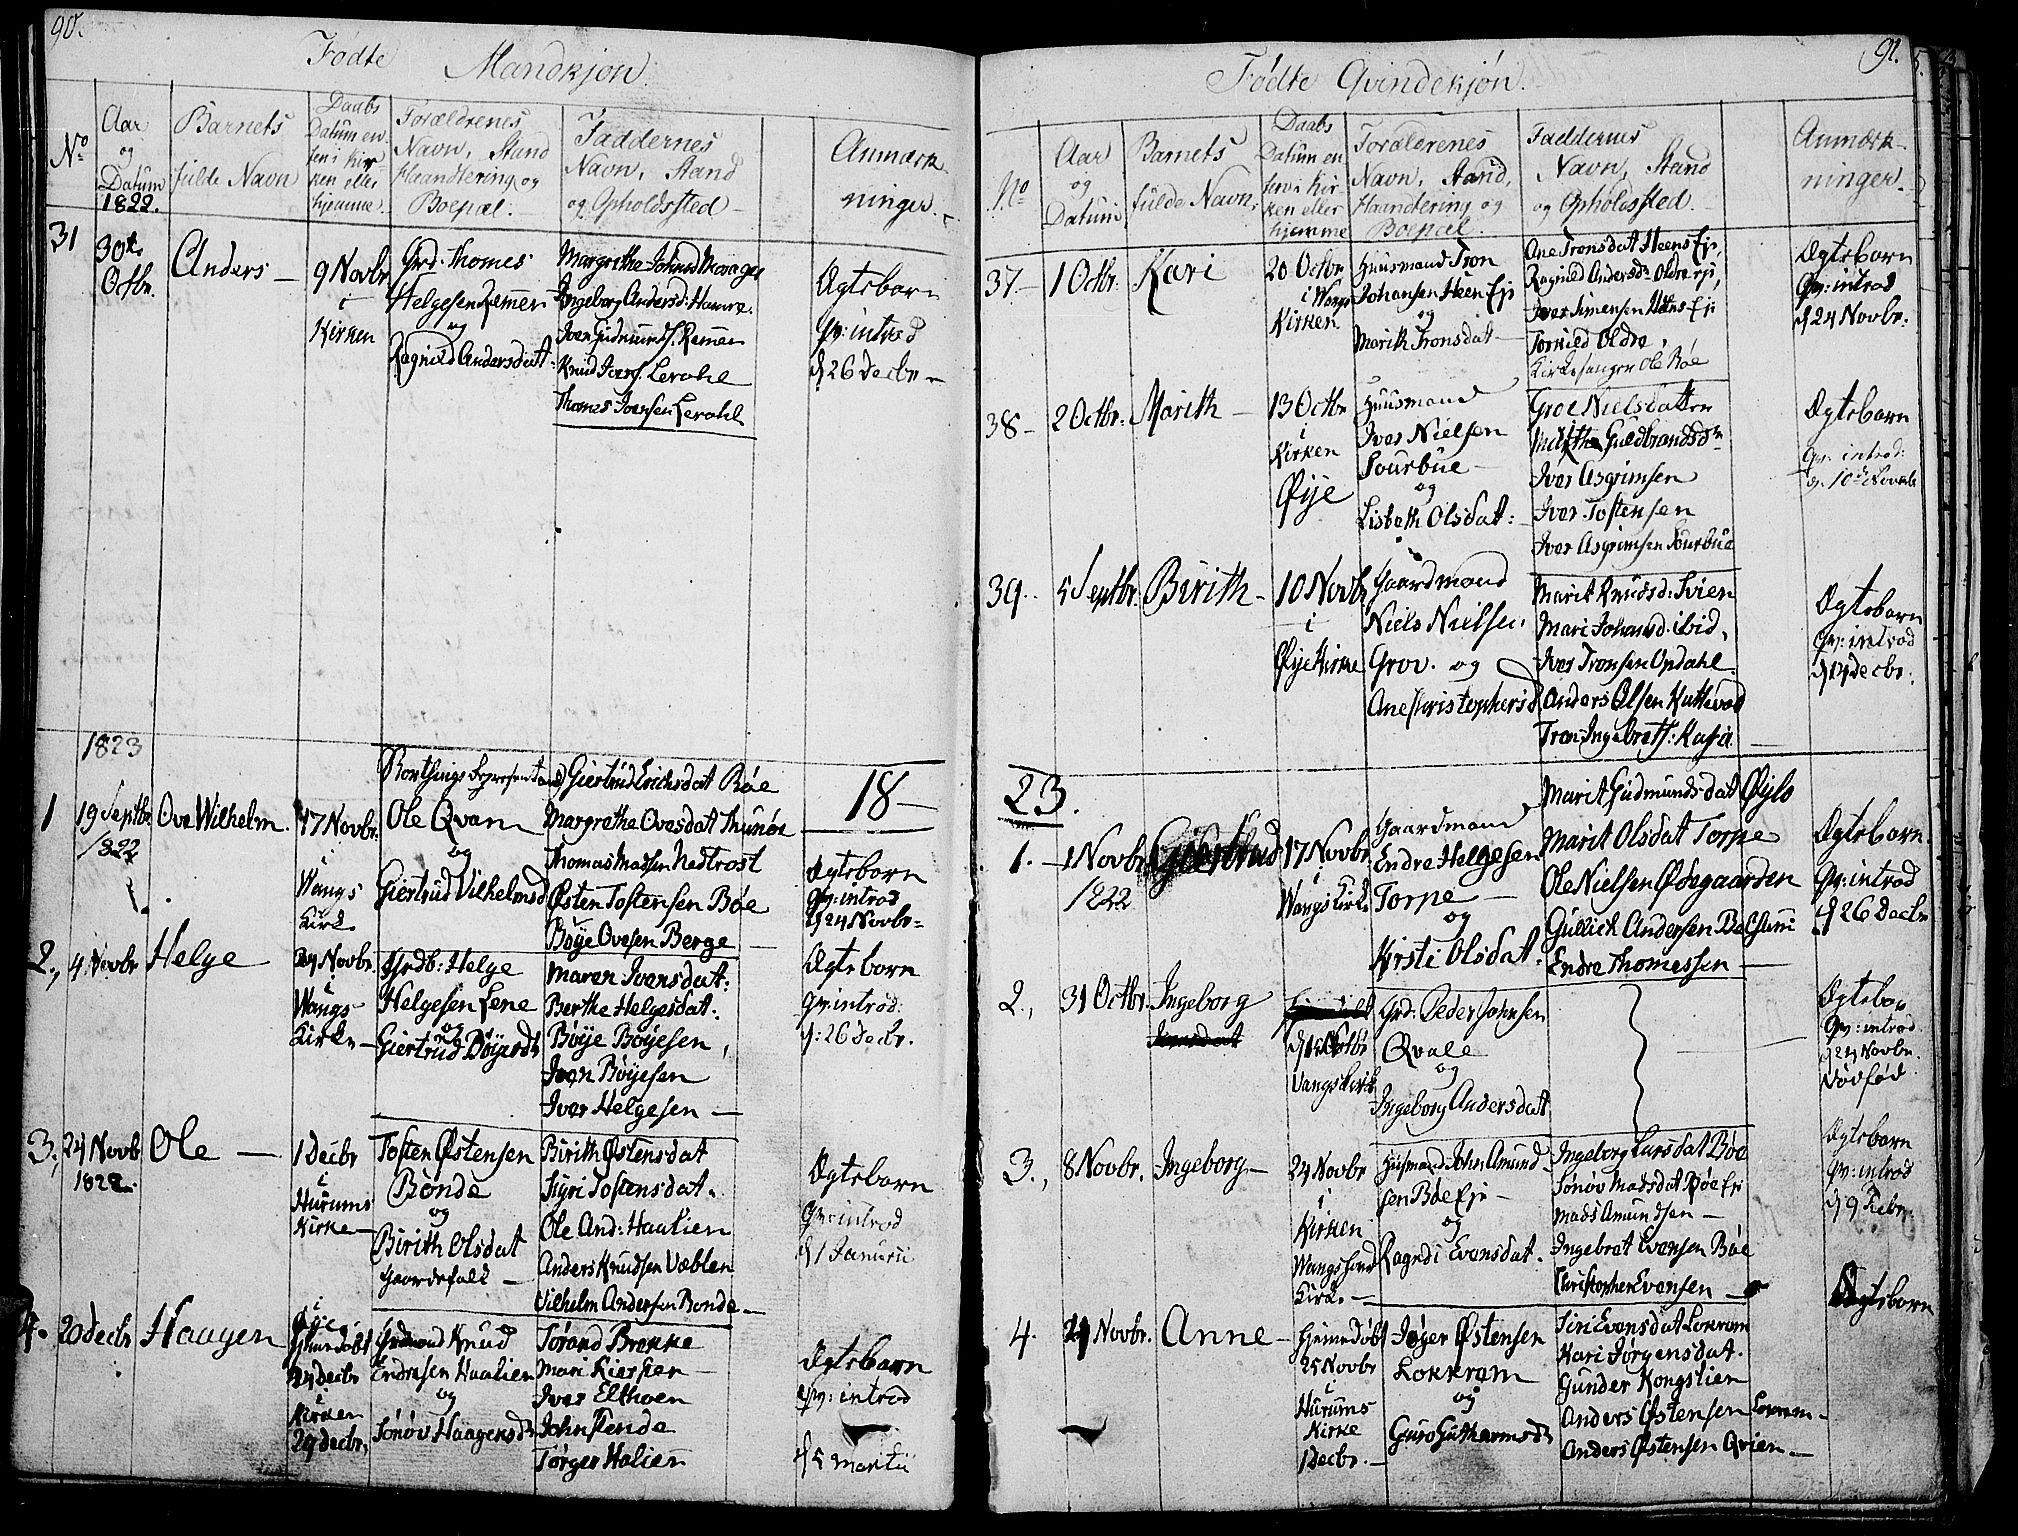 SAH, Vang prestekontor, Valdres, Ministerialbok nr. 3, 1809-1831, s. 90-91